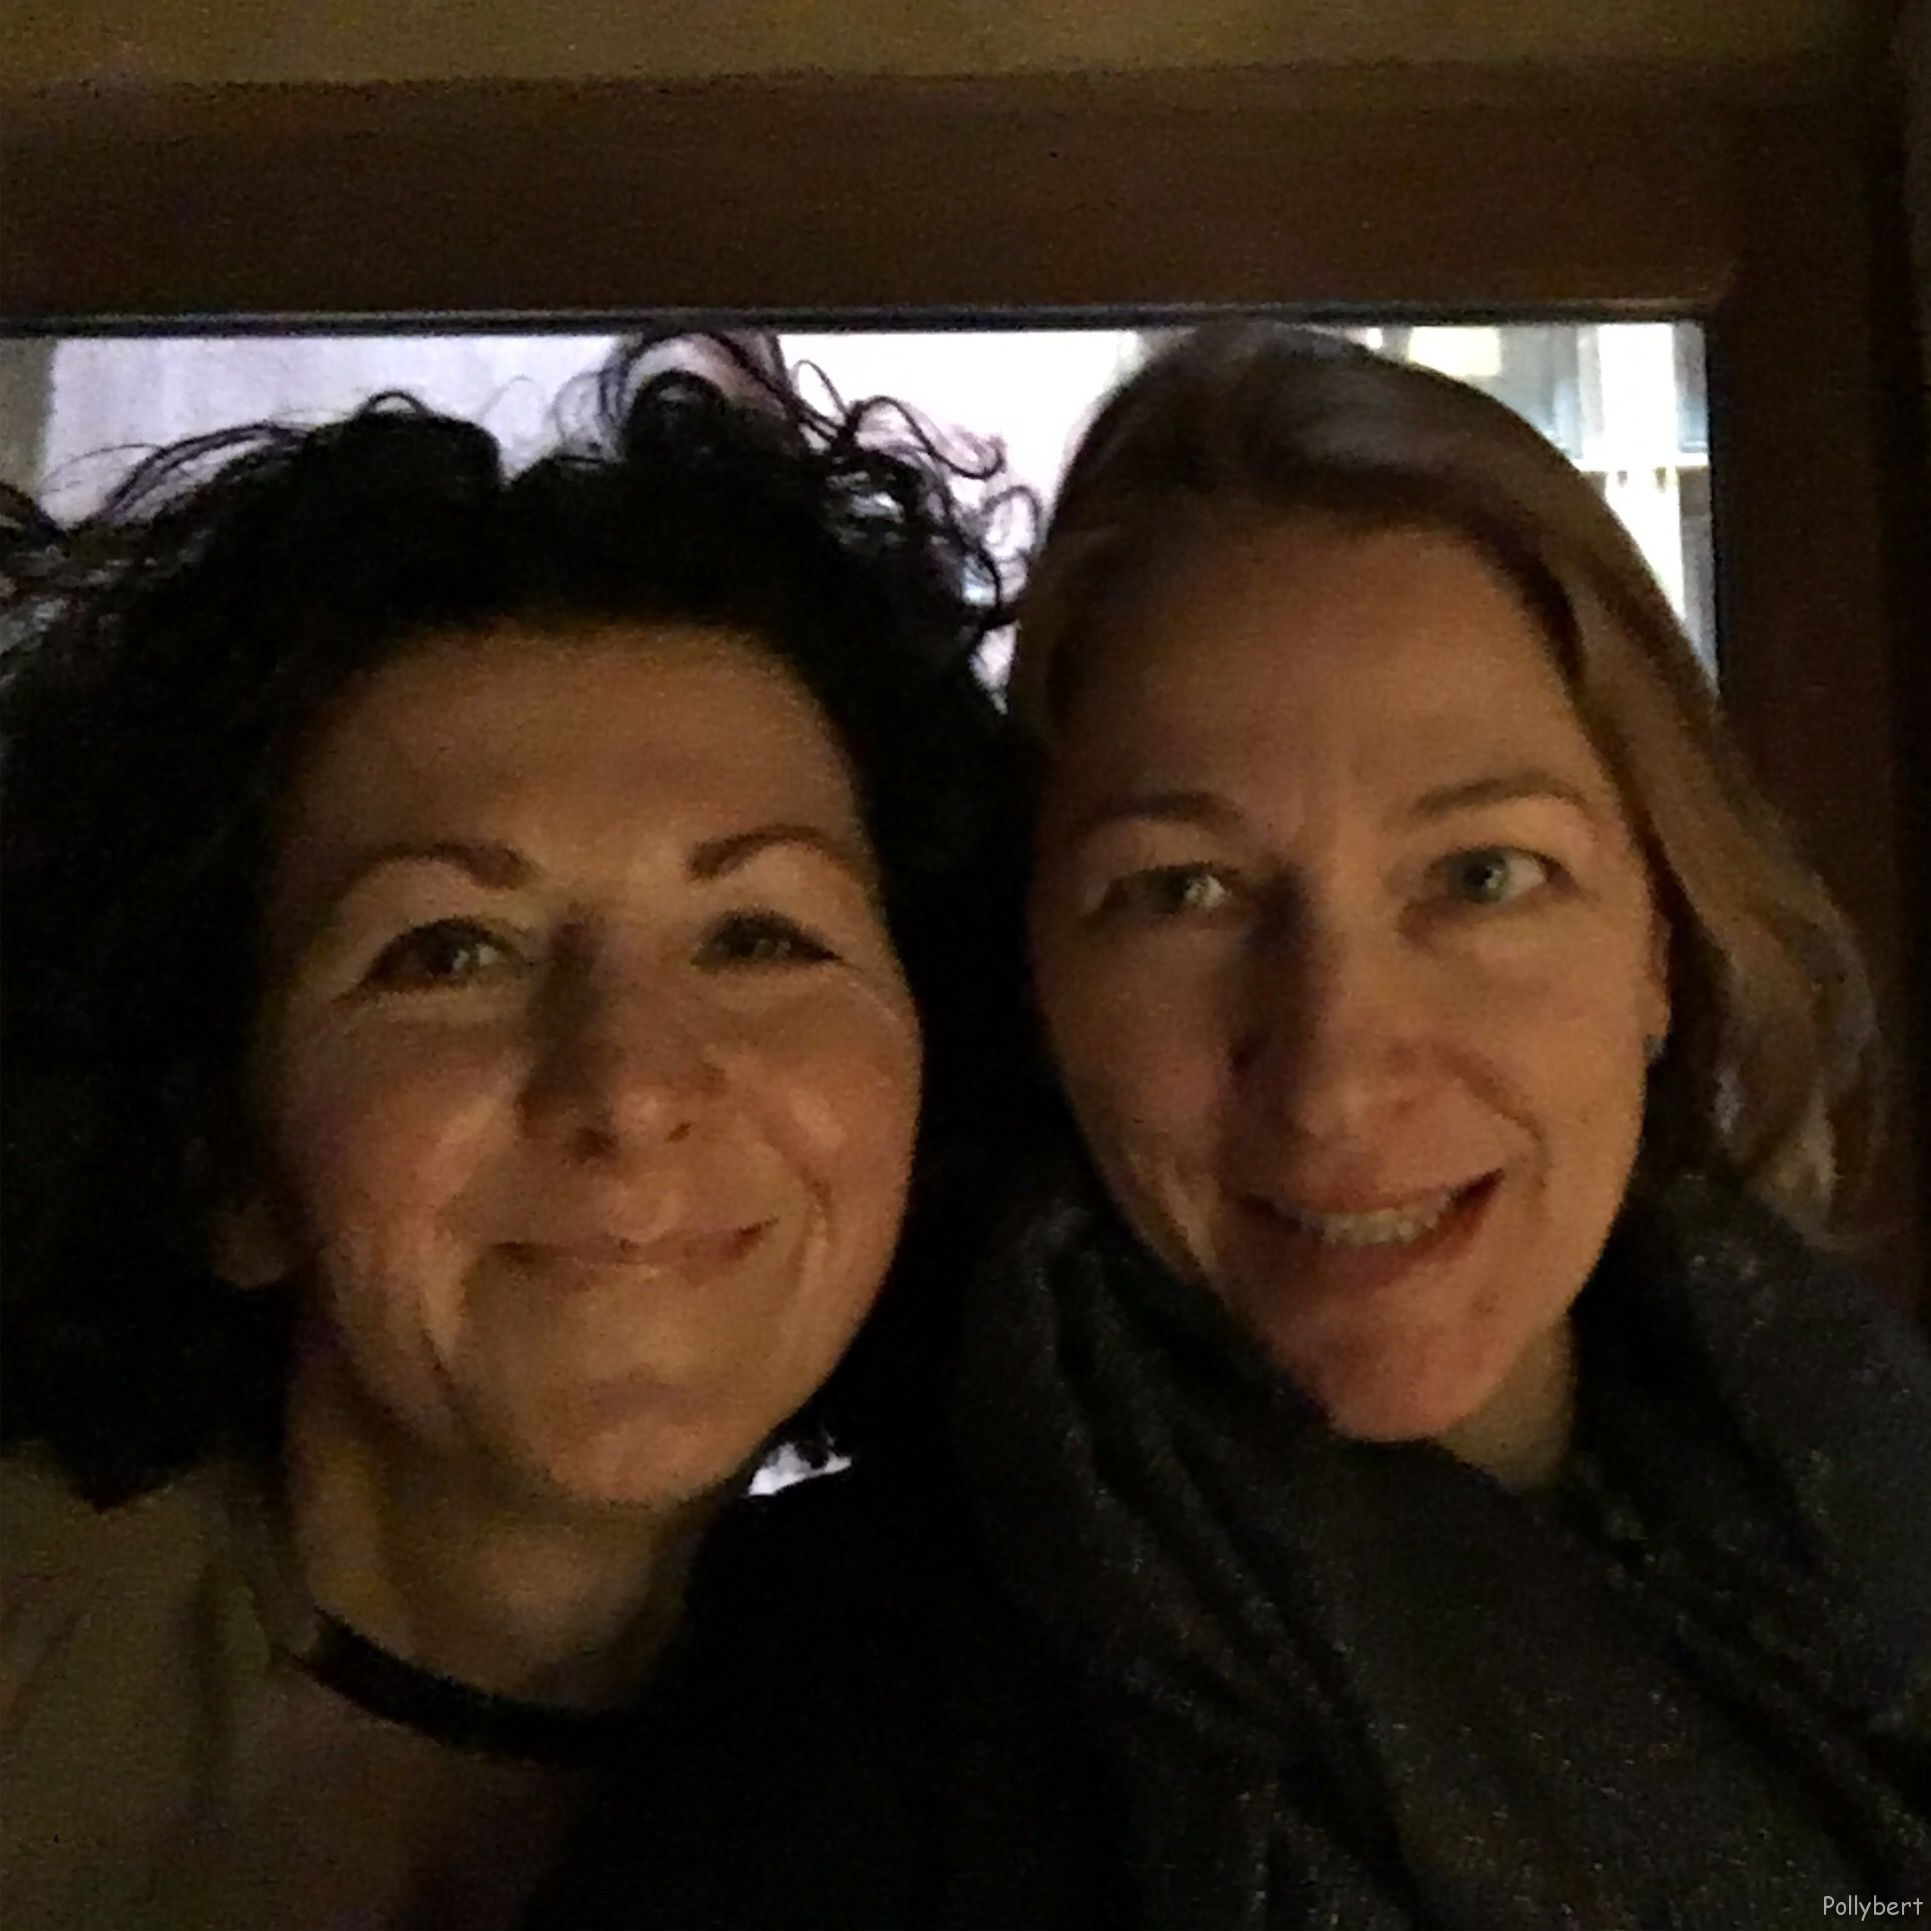 Pollybert and friend @Lyon